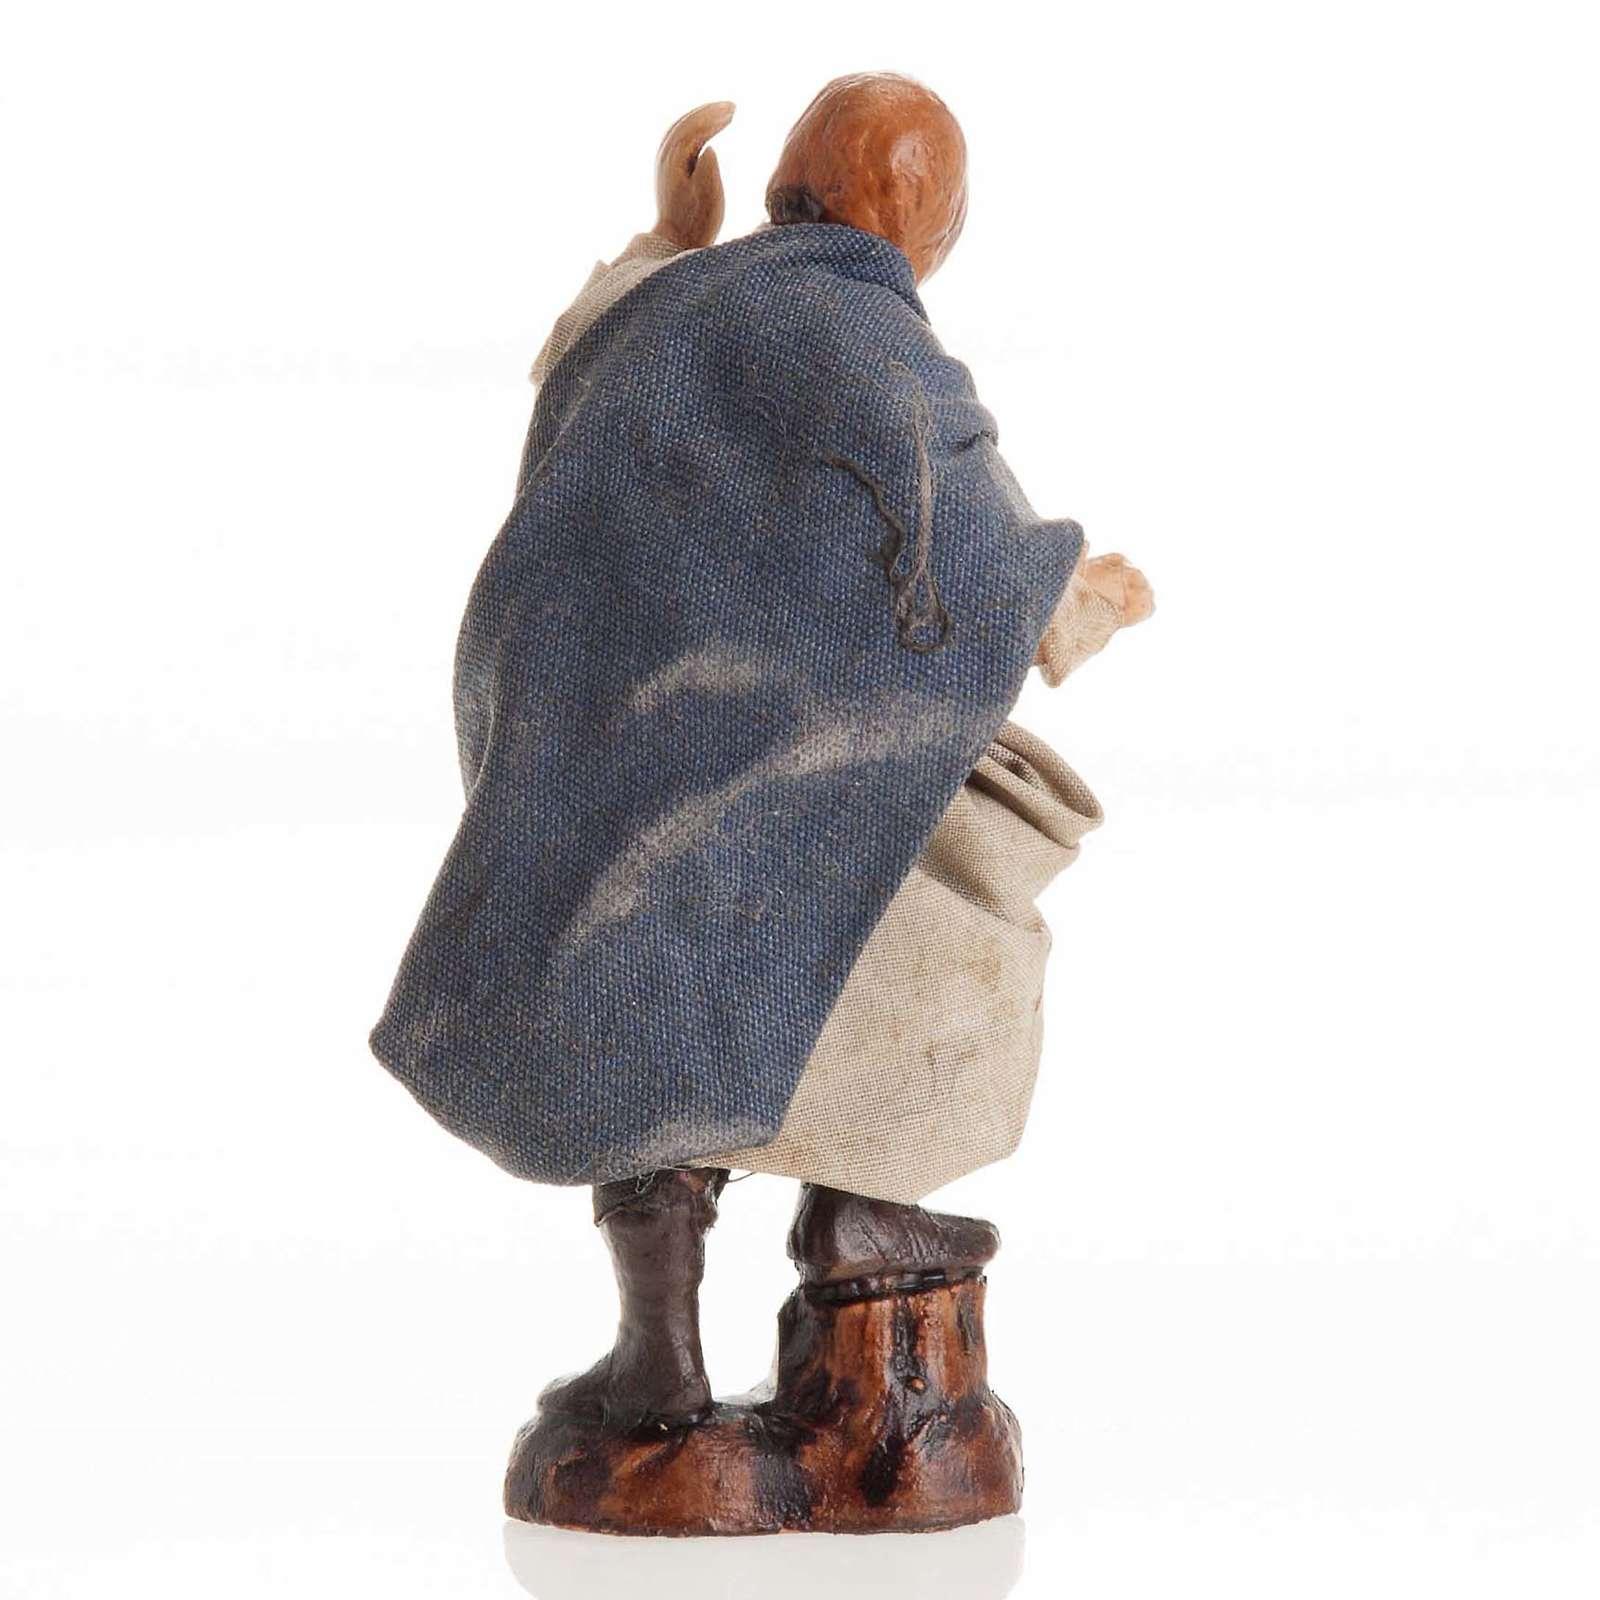 Santon crèche Napolitaine 8 cm homme qui regarde 4